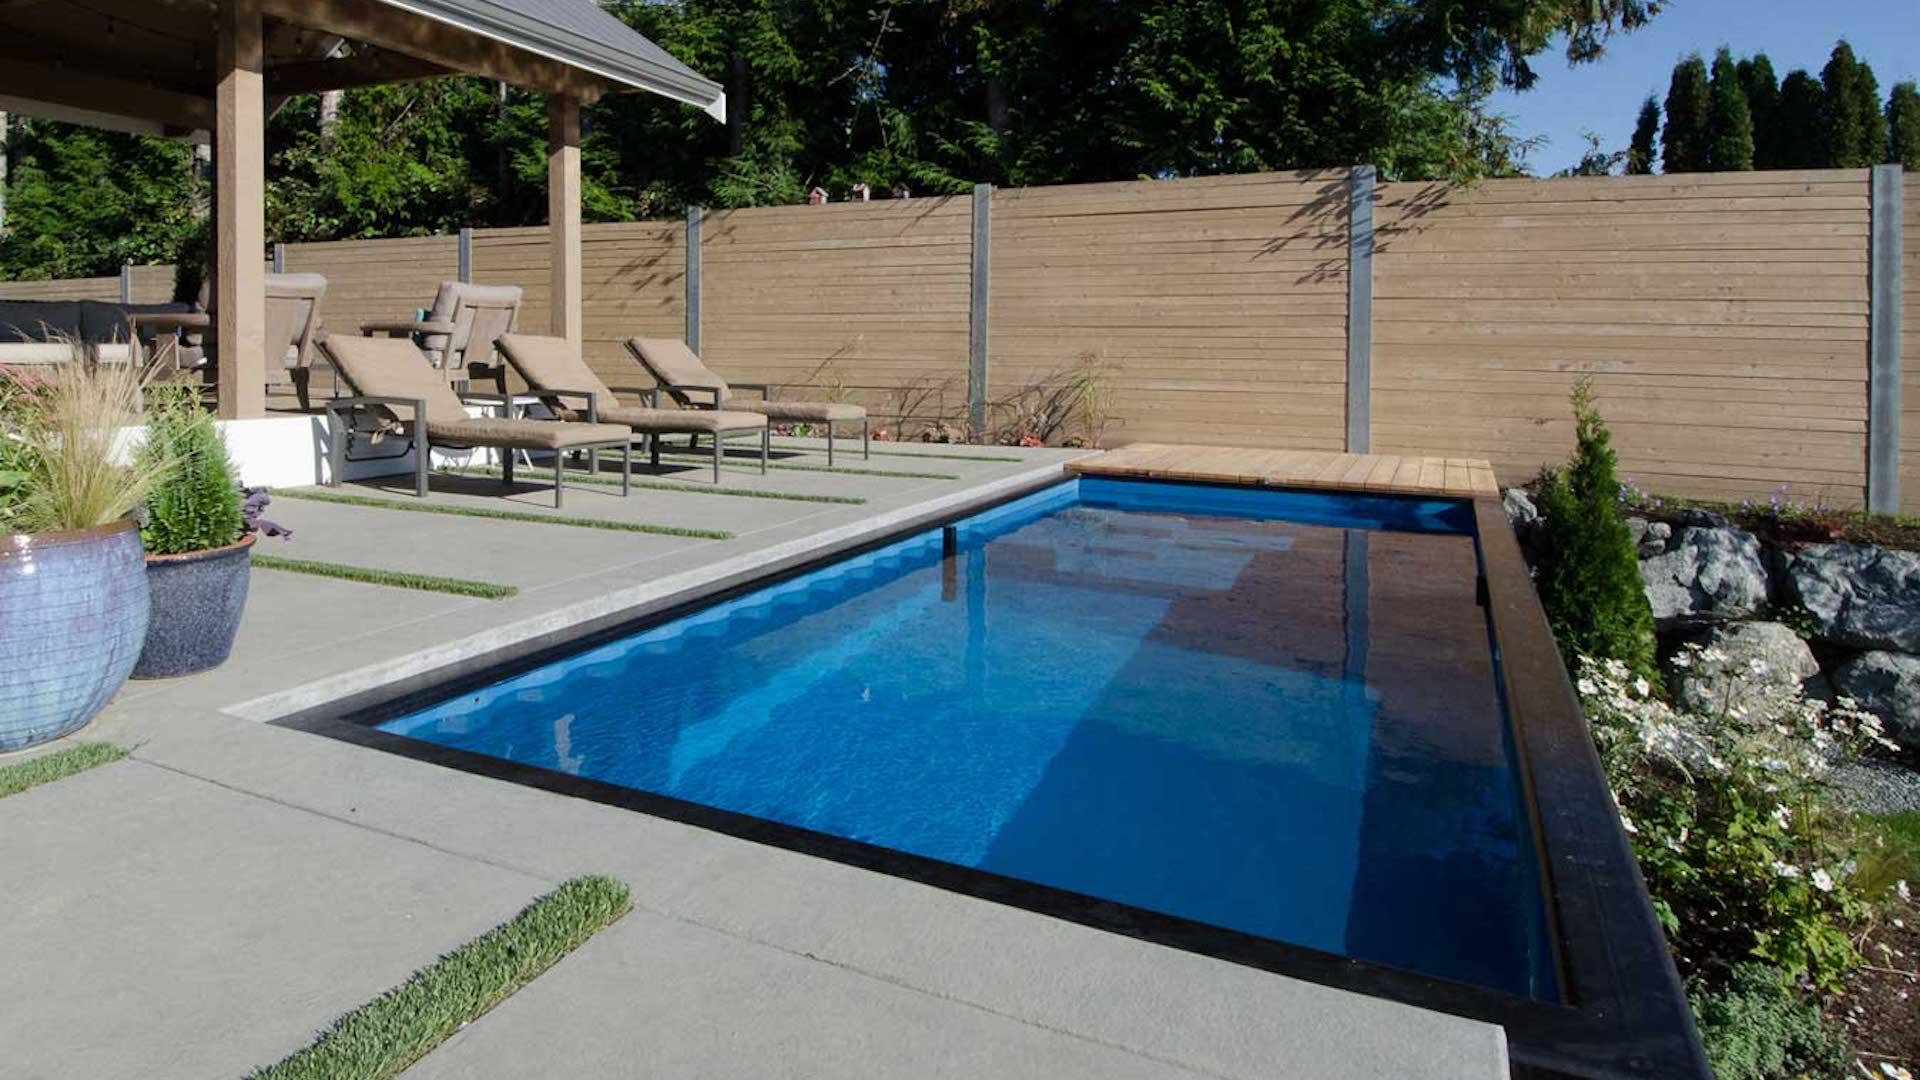 Imágenes] Las revolucionaras piscinas hechas con contenedores están ...